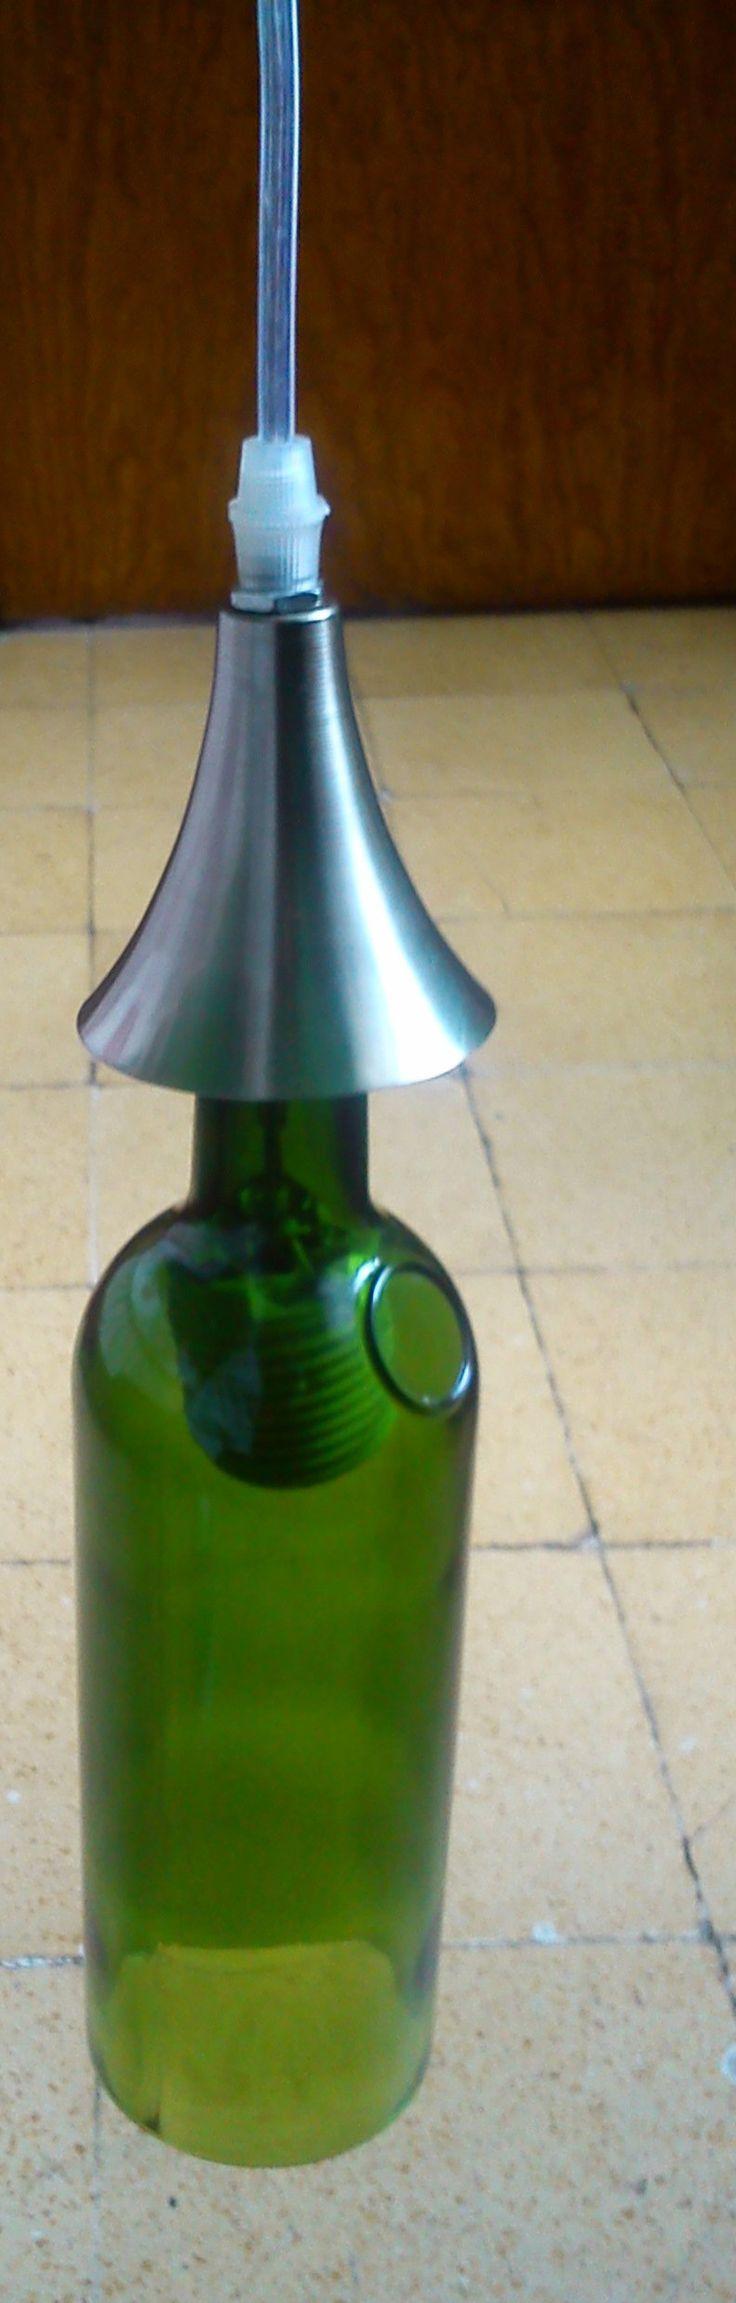 Lámpara colgante (De techo) MXN350 Pideal desde https://www.facebook.com/ReDoRecicla o a redorecicla@hotmail.com